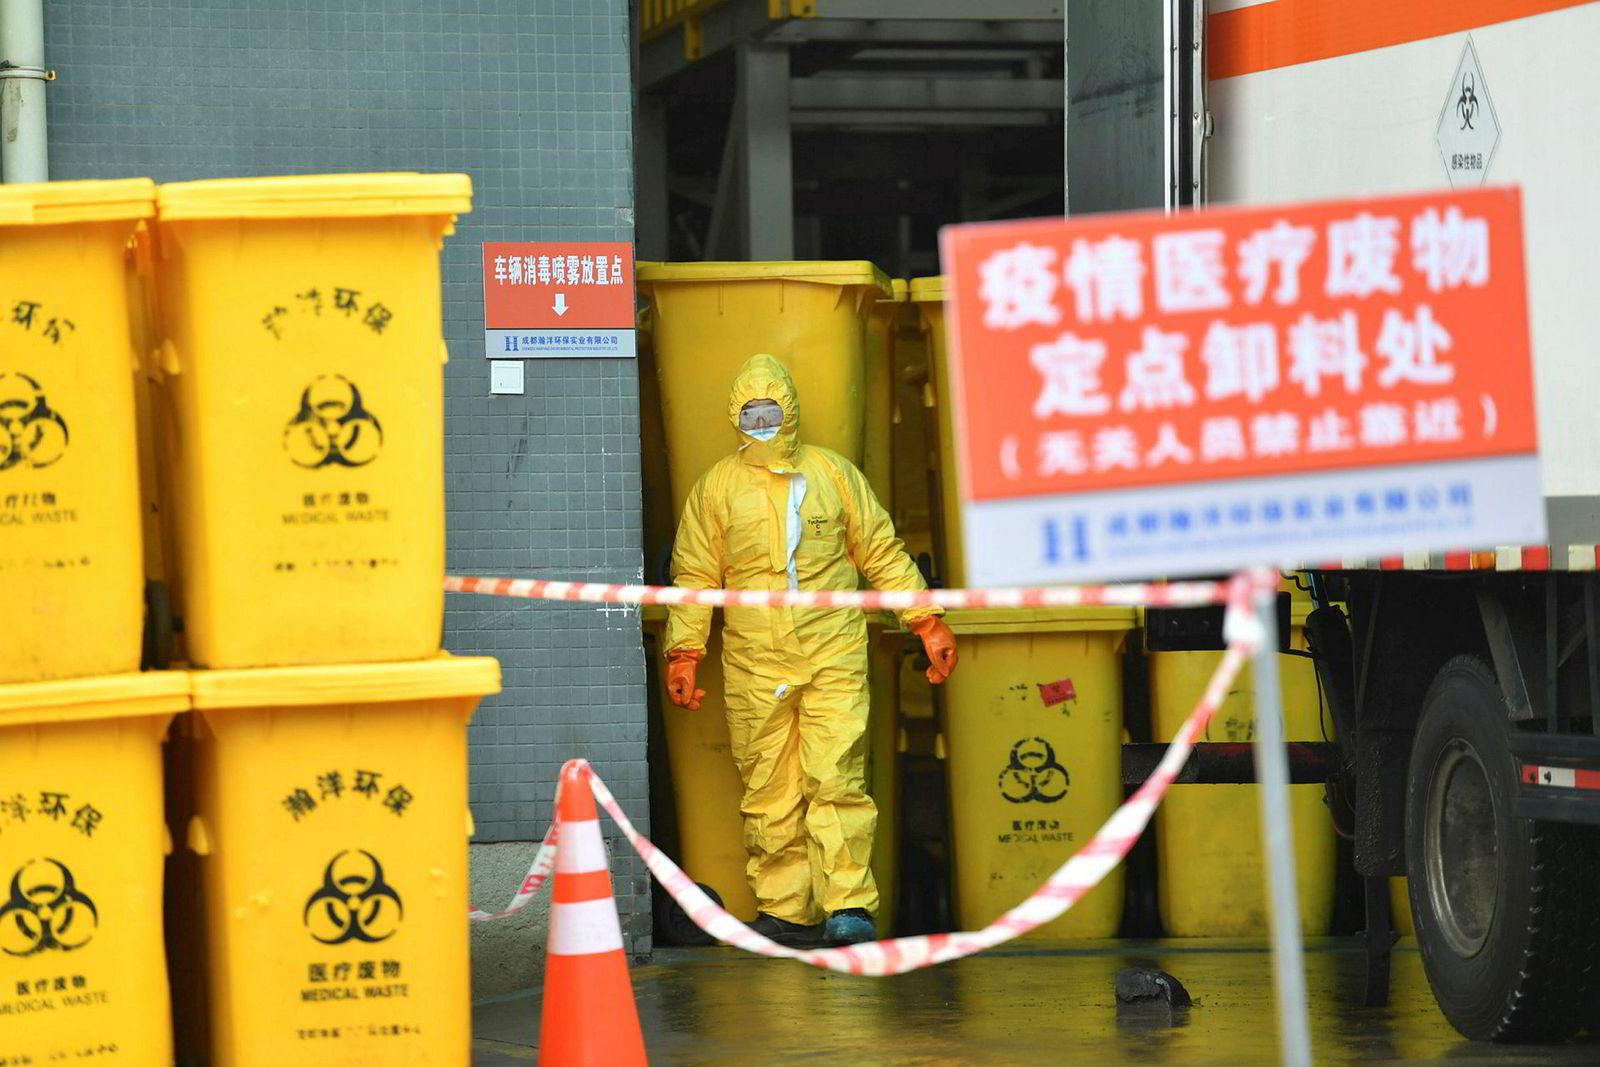 Utbredelse av koronaviruset har ført til mer enn 800 dødsfall og drøyt 37.000 smittede bare i Kina, ifølge oppdaterte tall søndag fra kinesiske myndigheter.